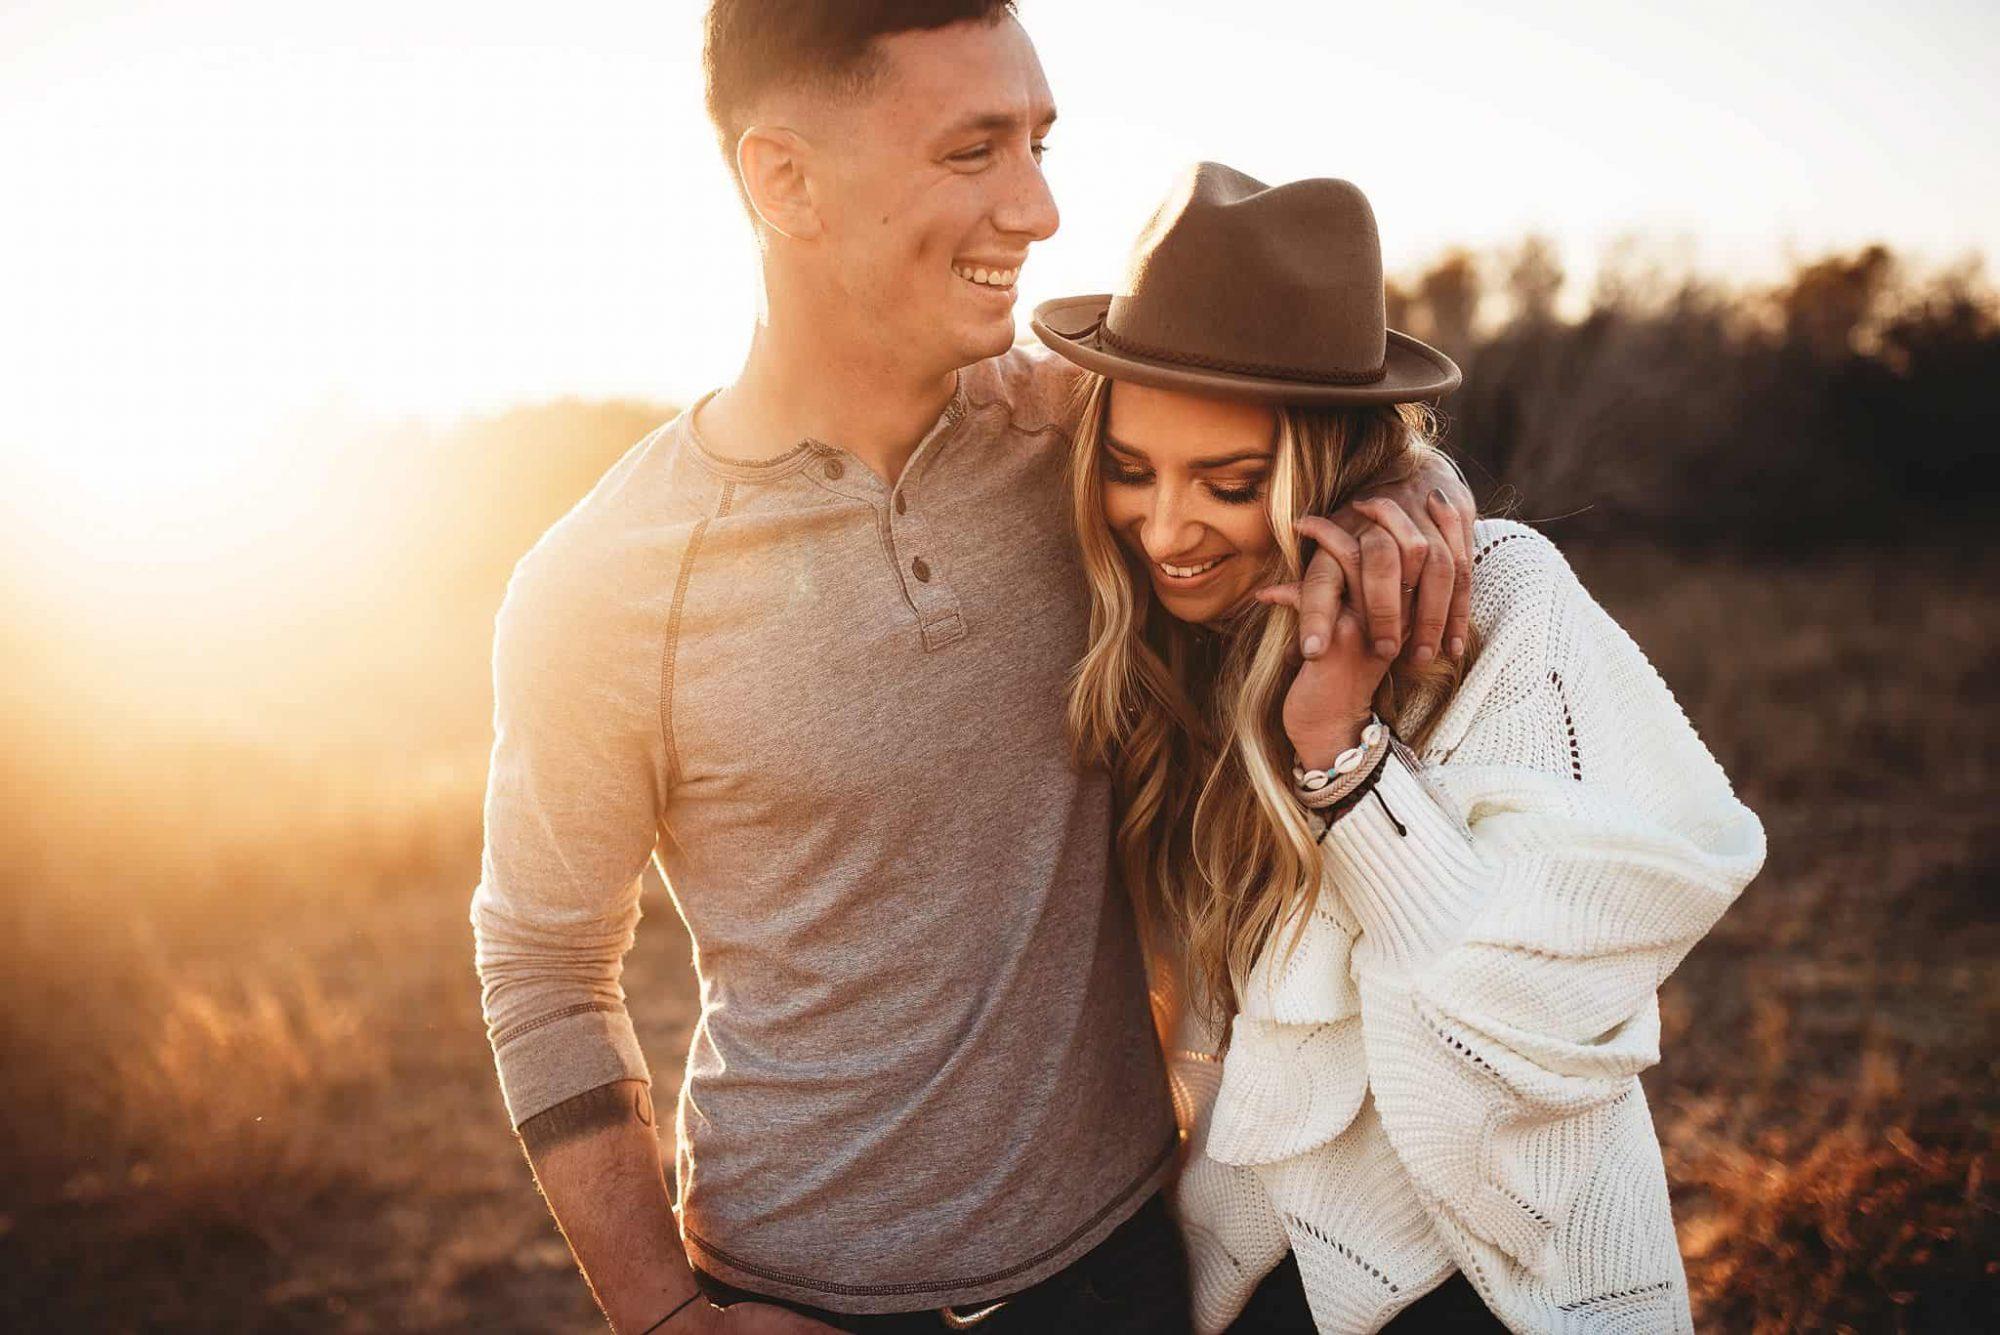 Randki online: 5 porad randkowych dla mężczyzn